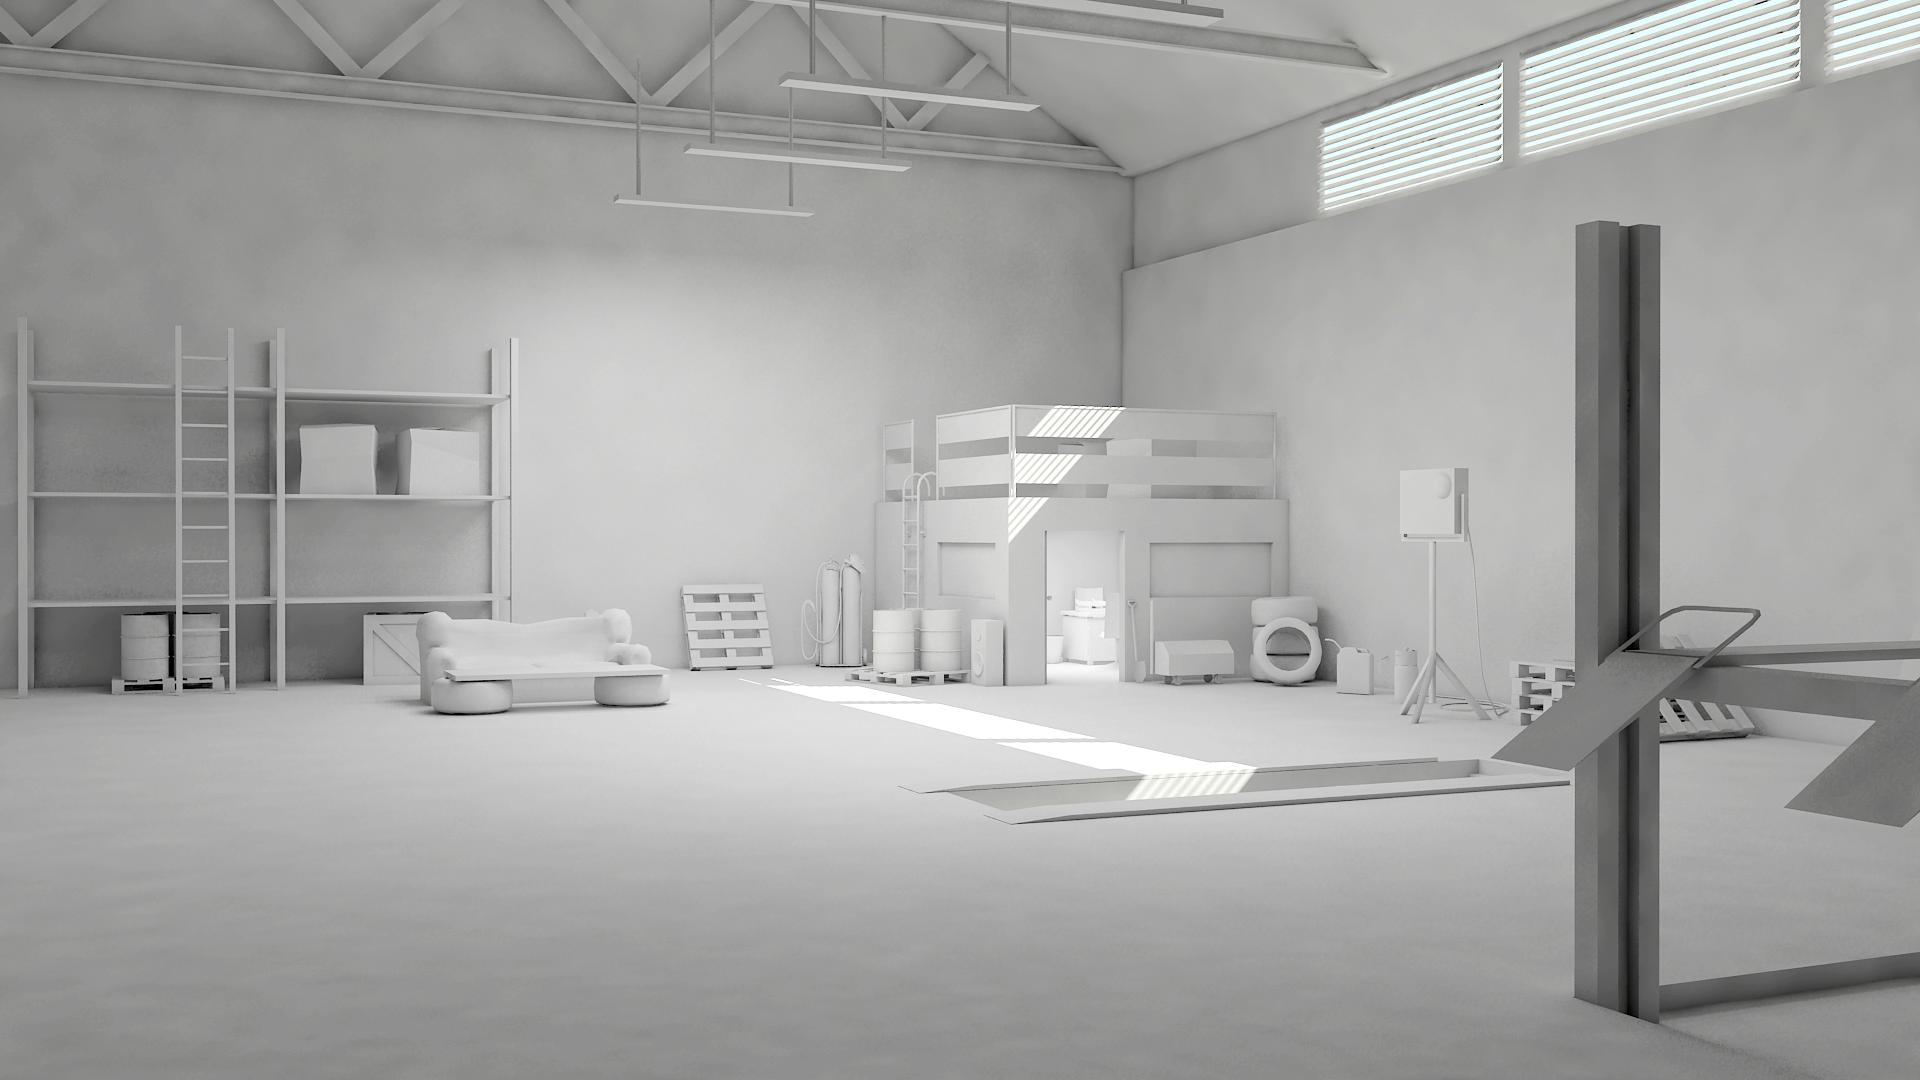 3d garage scene 2 wip by y50p on deviantart for 3d garage builder